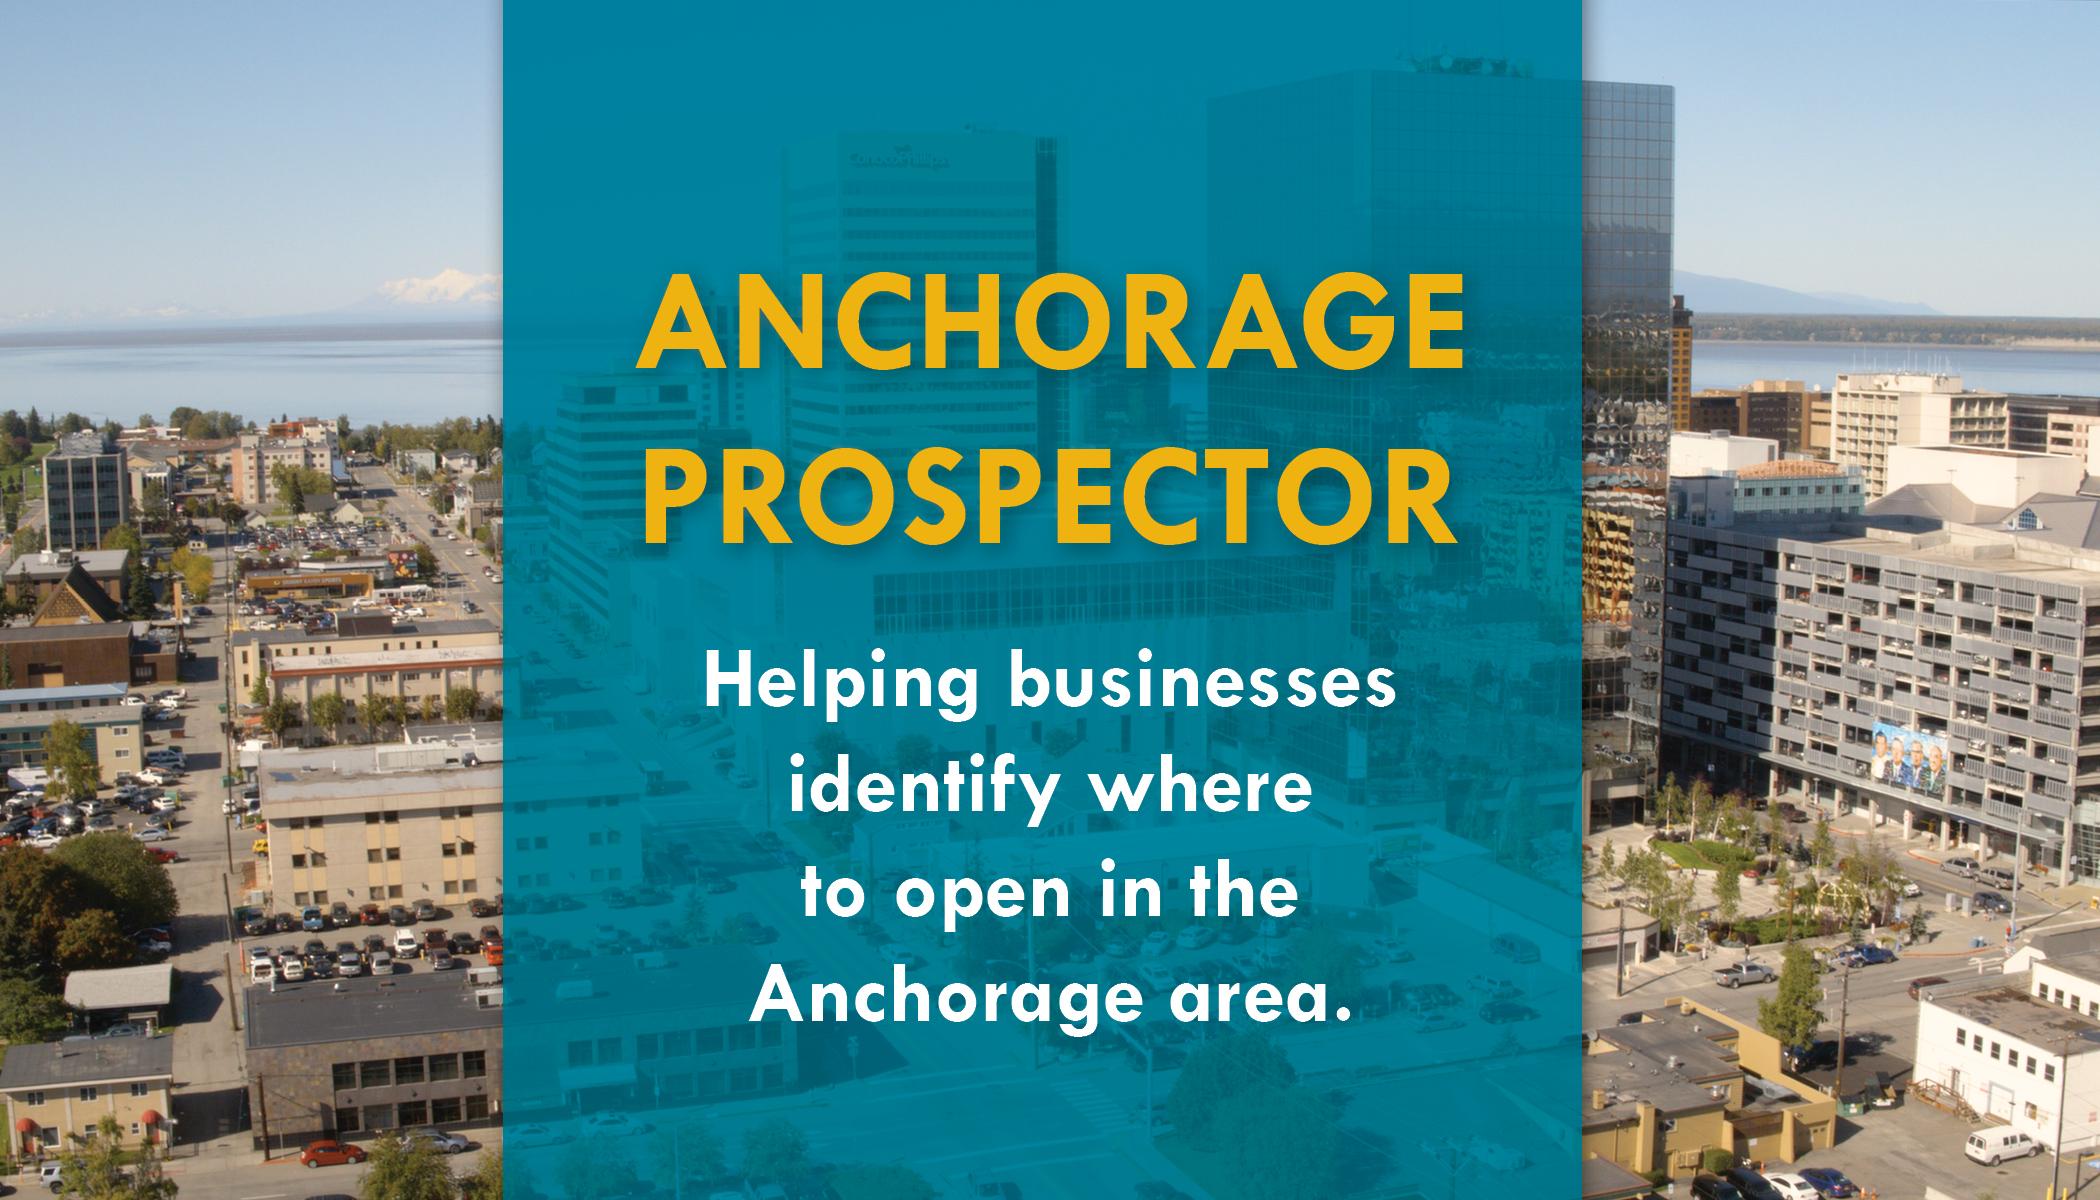 AEDC provides Alaska Business assistance through our Business & Economic Development Department.